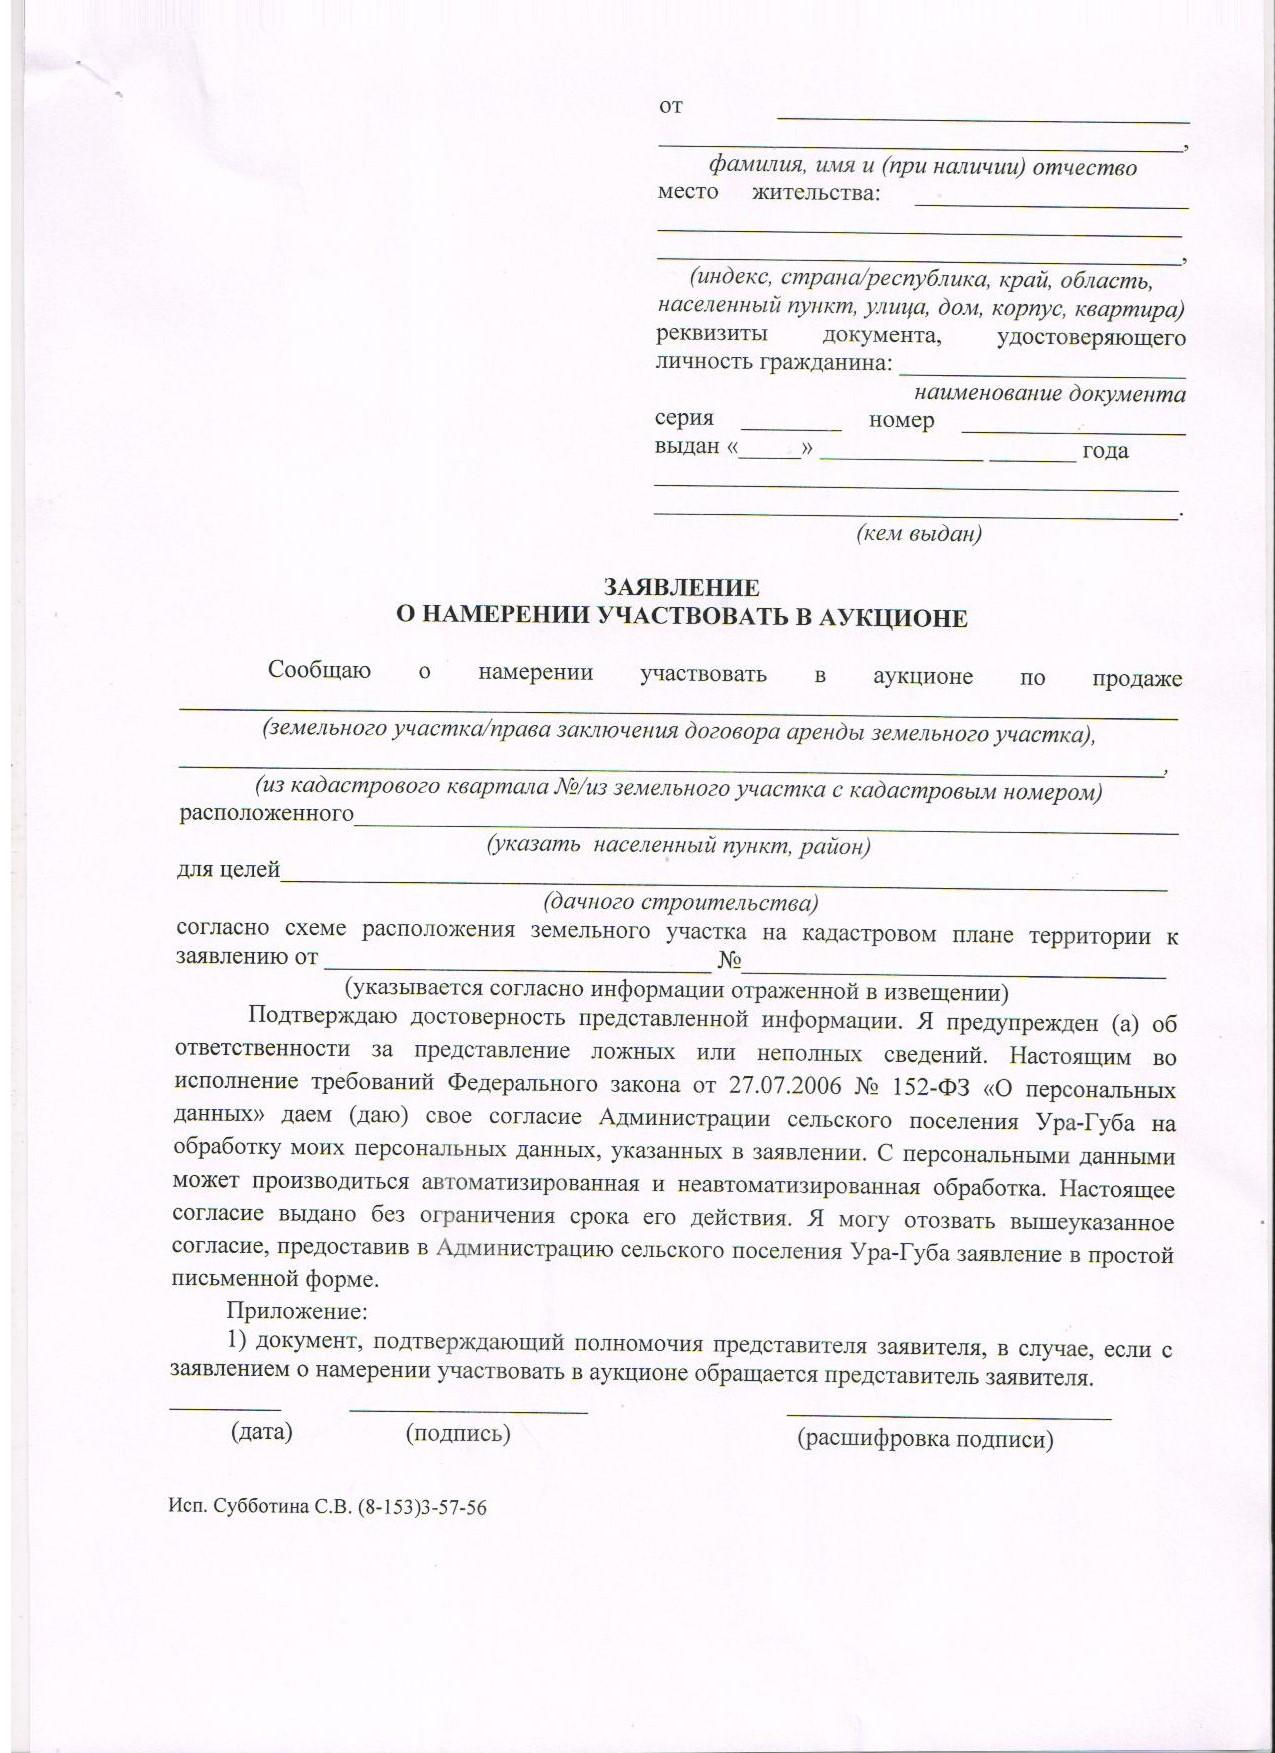 заявление о предоставлении сведений о земельном участке